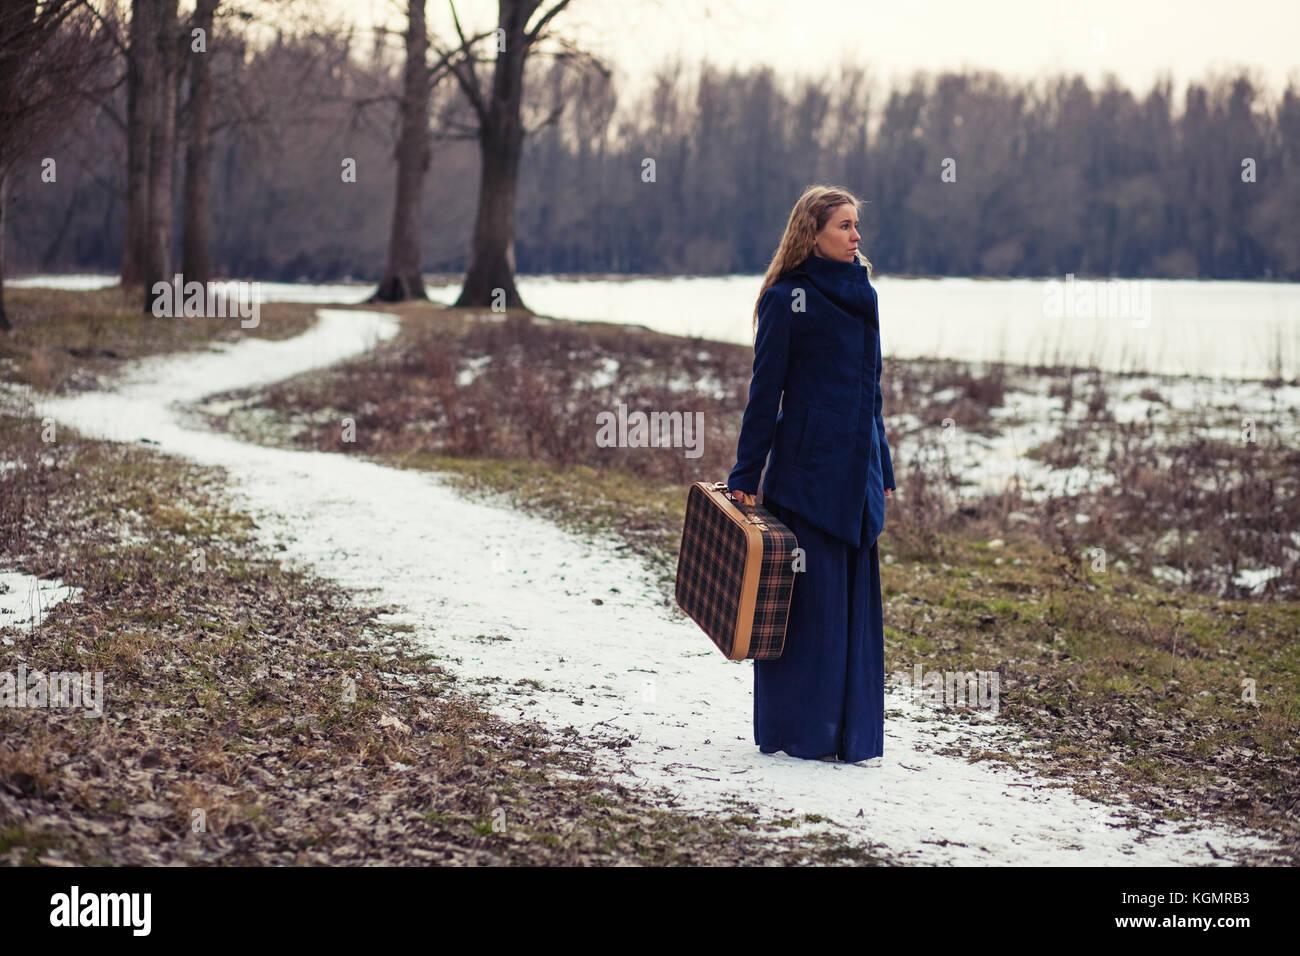 Femme marche en forêt avec vieille valise Photo Stock